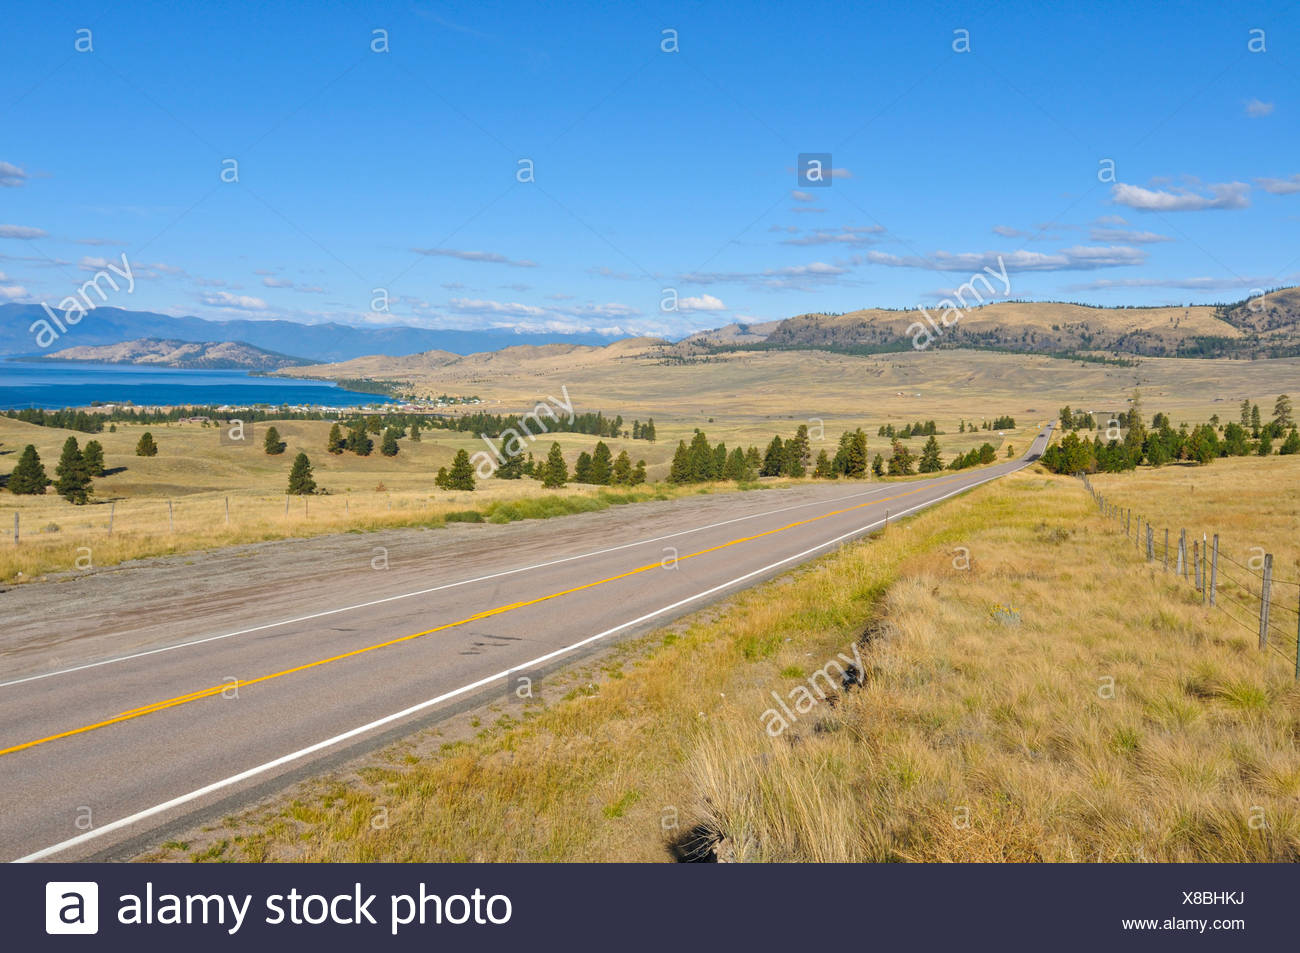 Country Road en Montana, cerca de el Parque Nacional Glacier, Montana, Estados Unidos, América del Norte Imagen De Stock